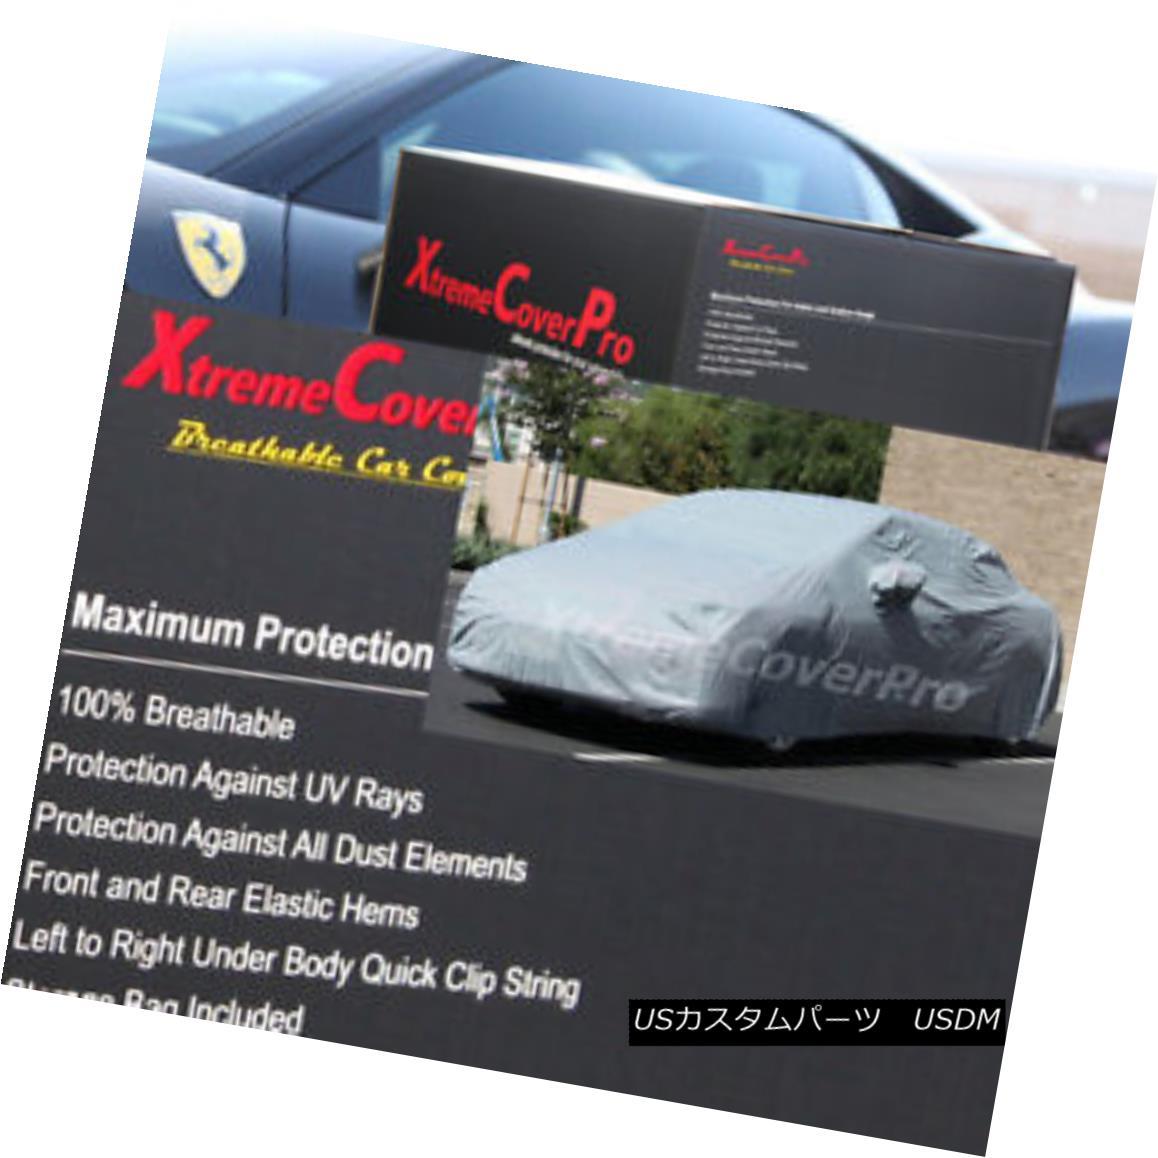 カーカバー 2005 2006 2007 2008 Acura RL Breathable Car Cover w/MirrorPocket 2005年2006年2007年2008年Acura RL通気性車カバー付きMirrorPocket